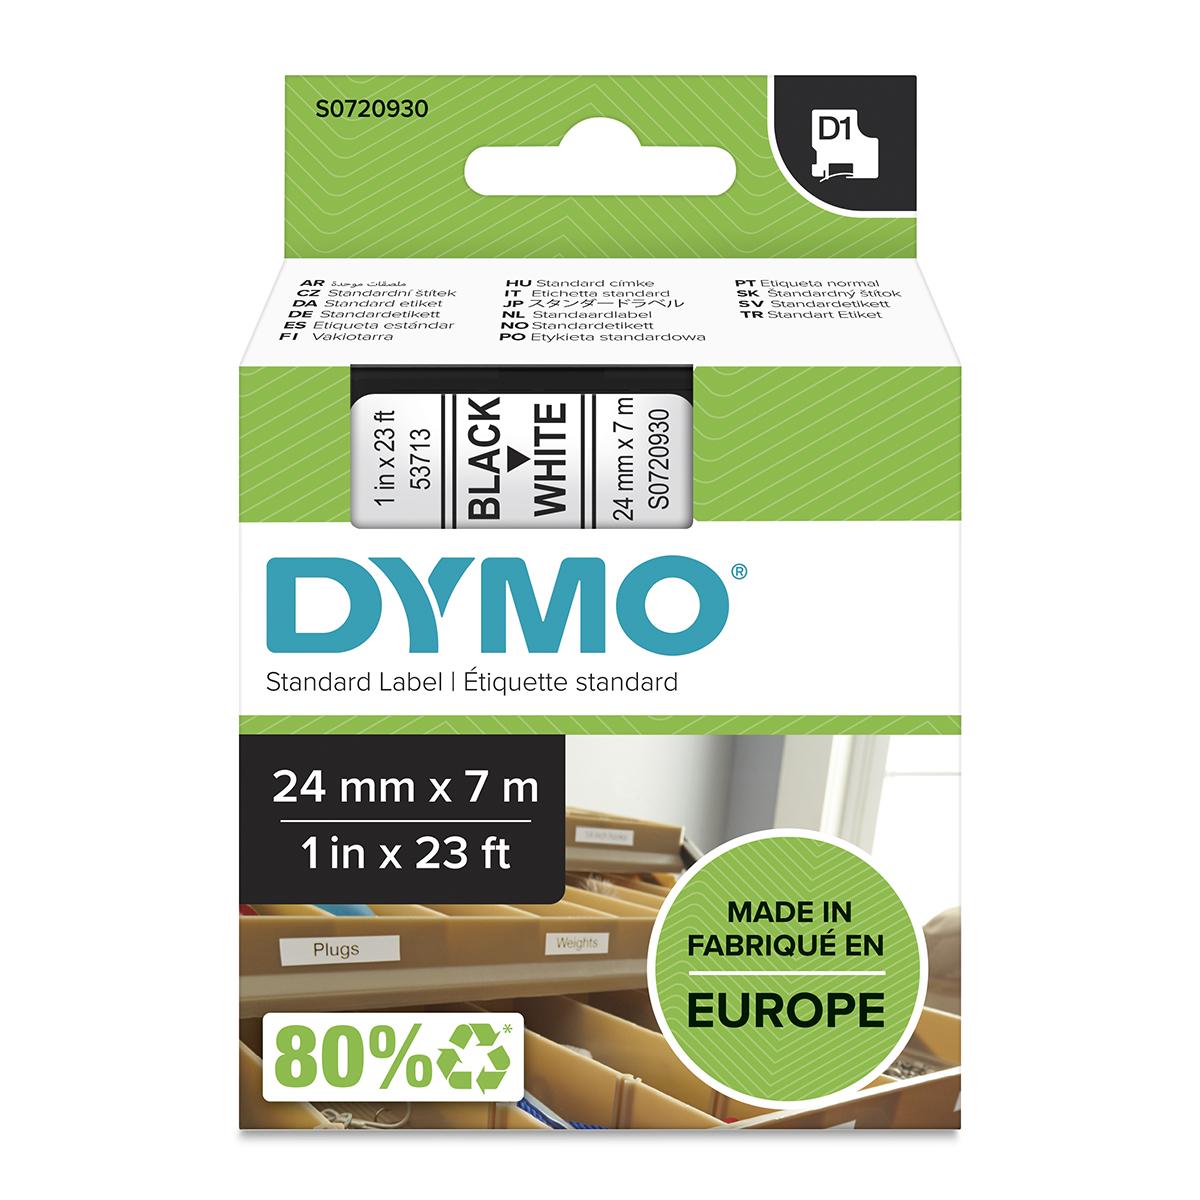 Dymo 53713 24mm x 7m Black on White Tape